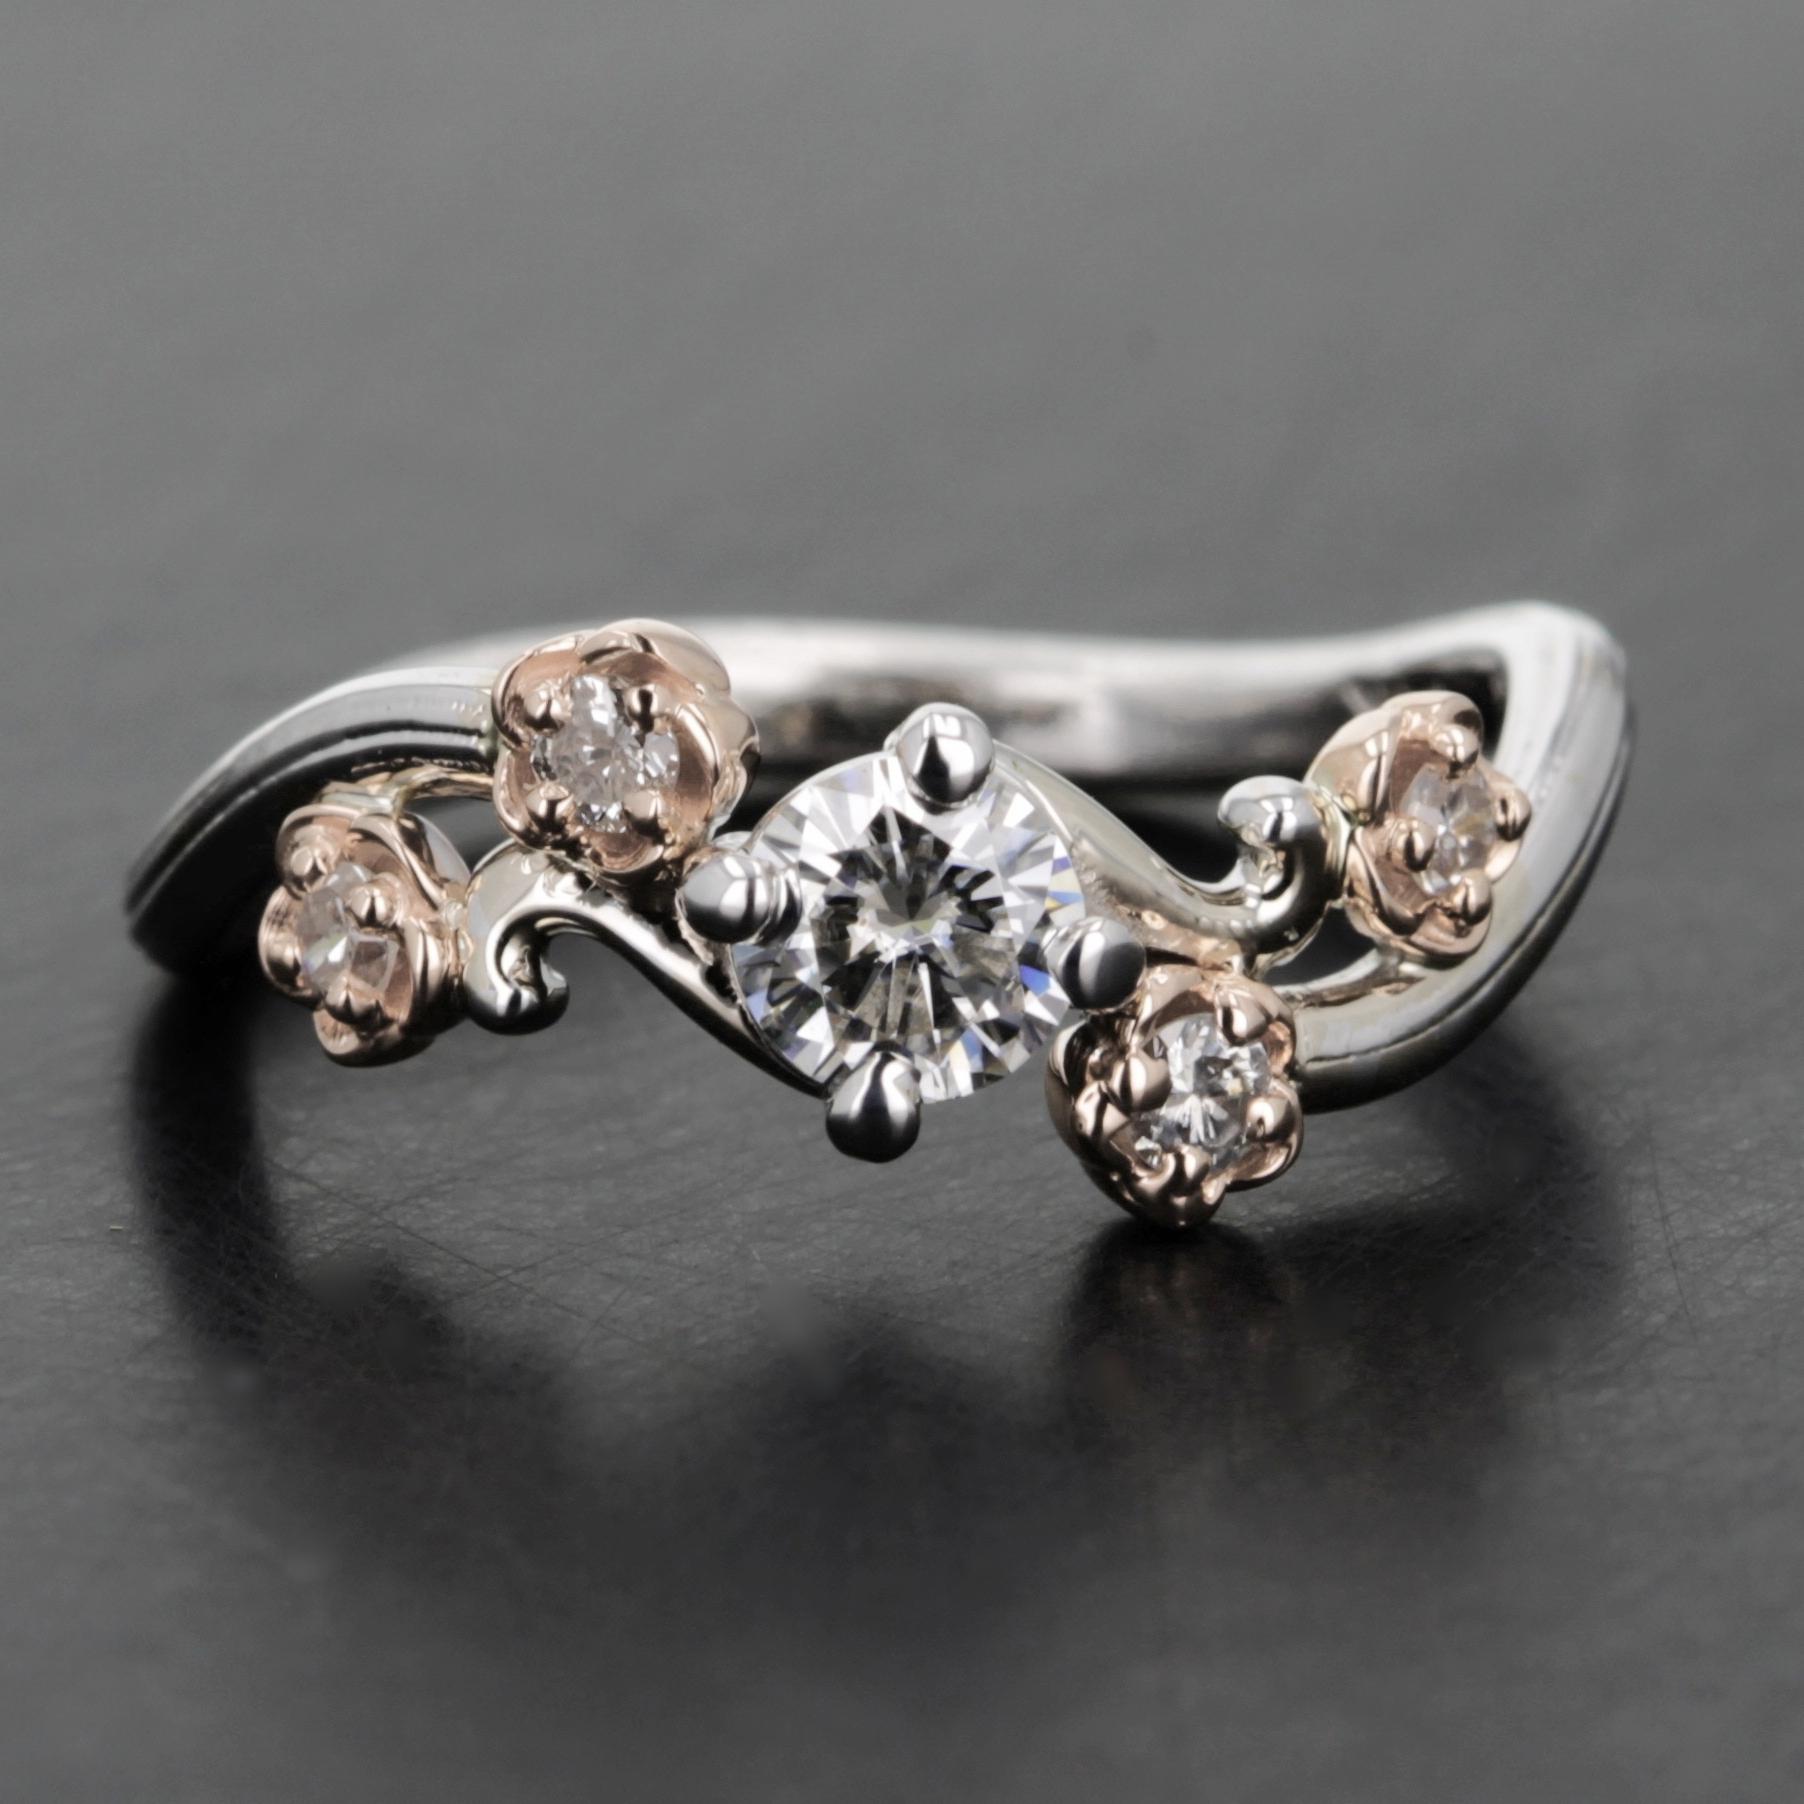 custom_flower_moissanite_engagement_ring_alternative.jpg